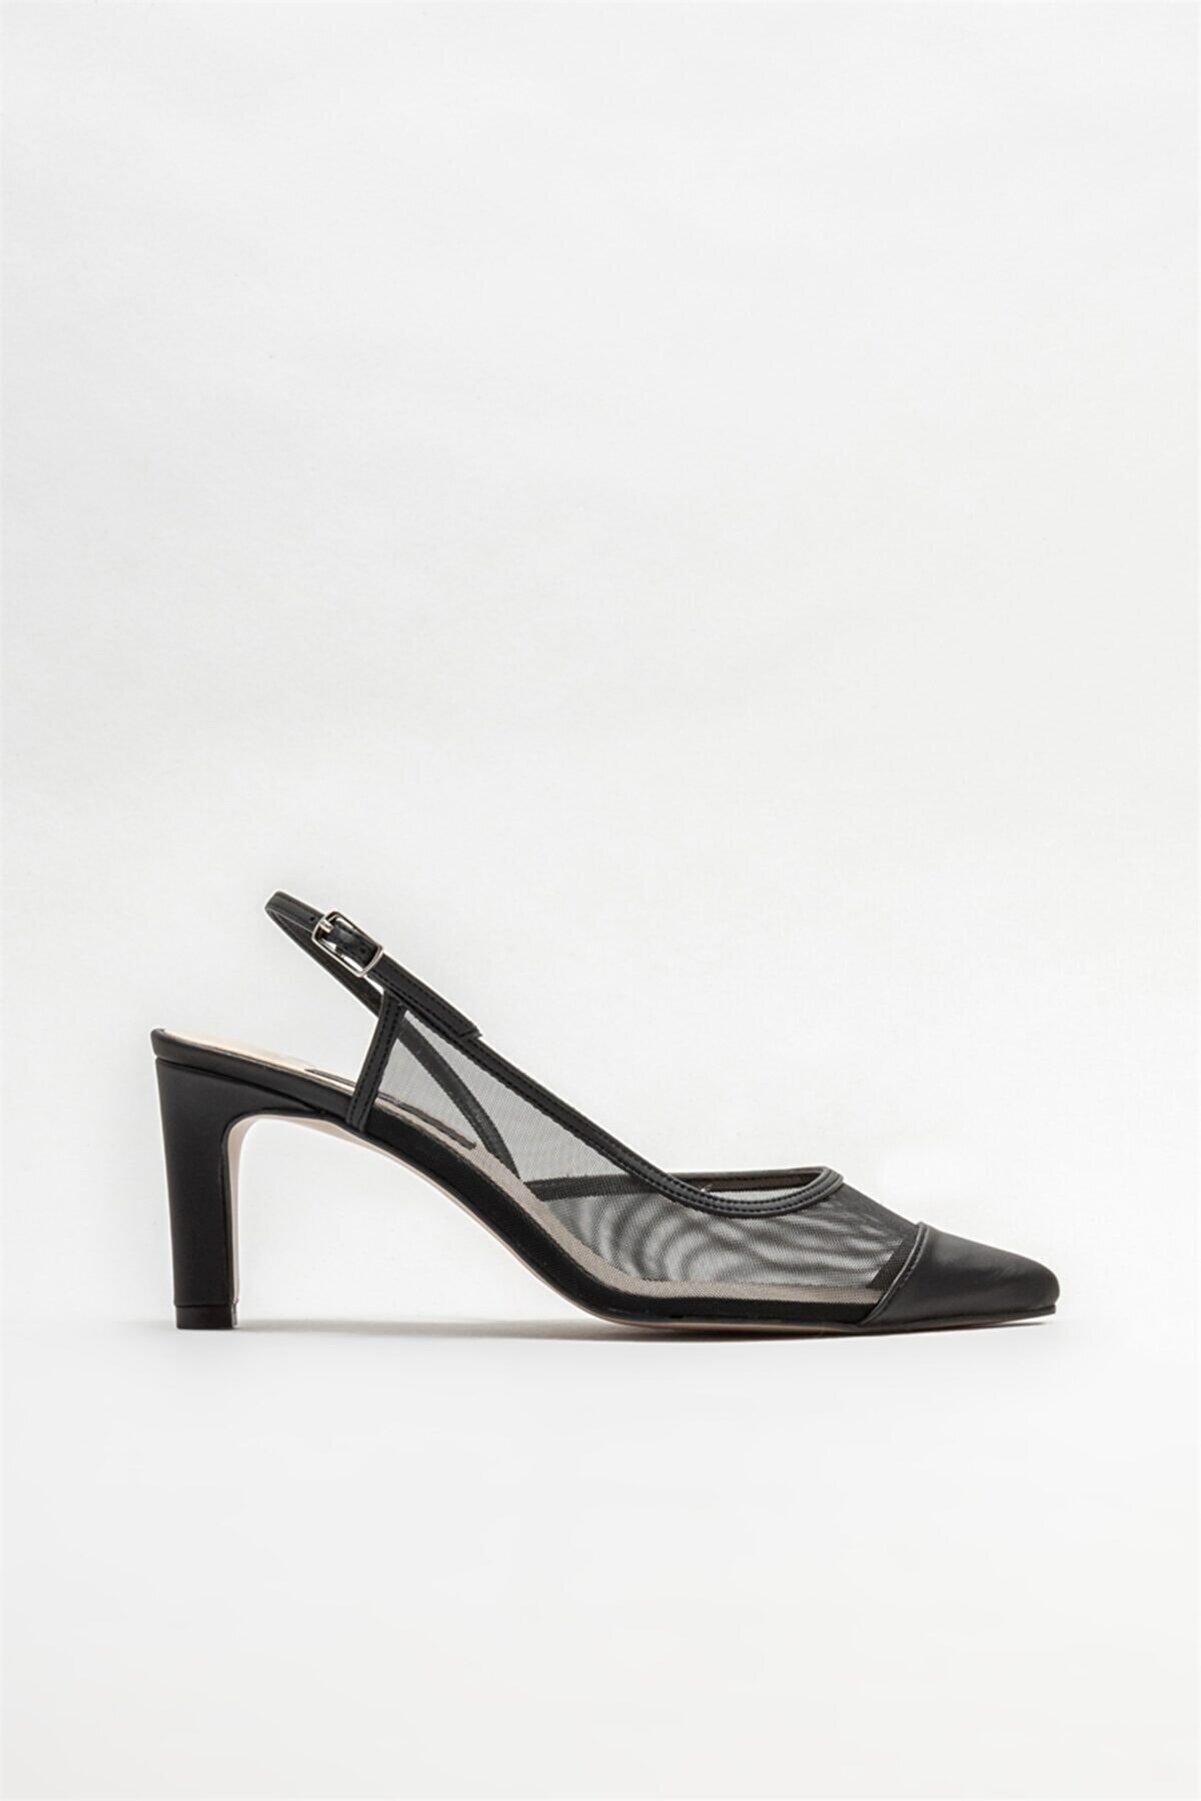 Elle Siyah Kadın Topuklu Ayakkabı